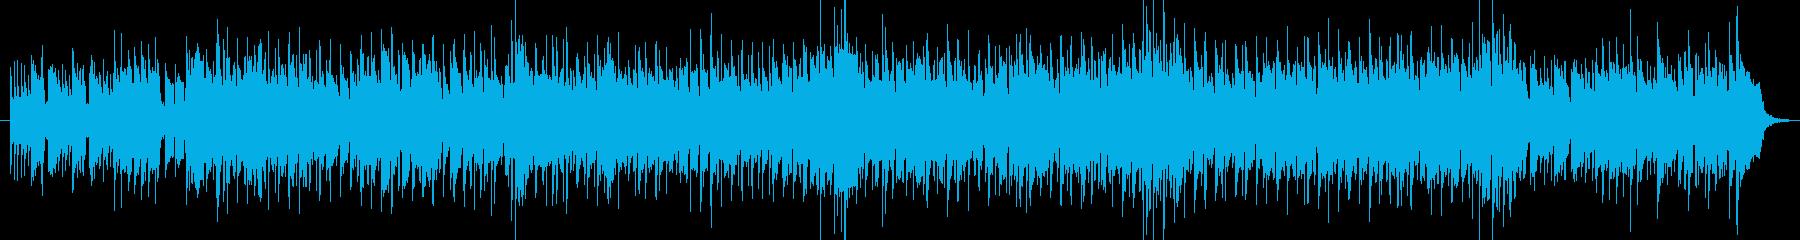 わくわくナイスなスィング曲の再生済みの波形